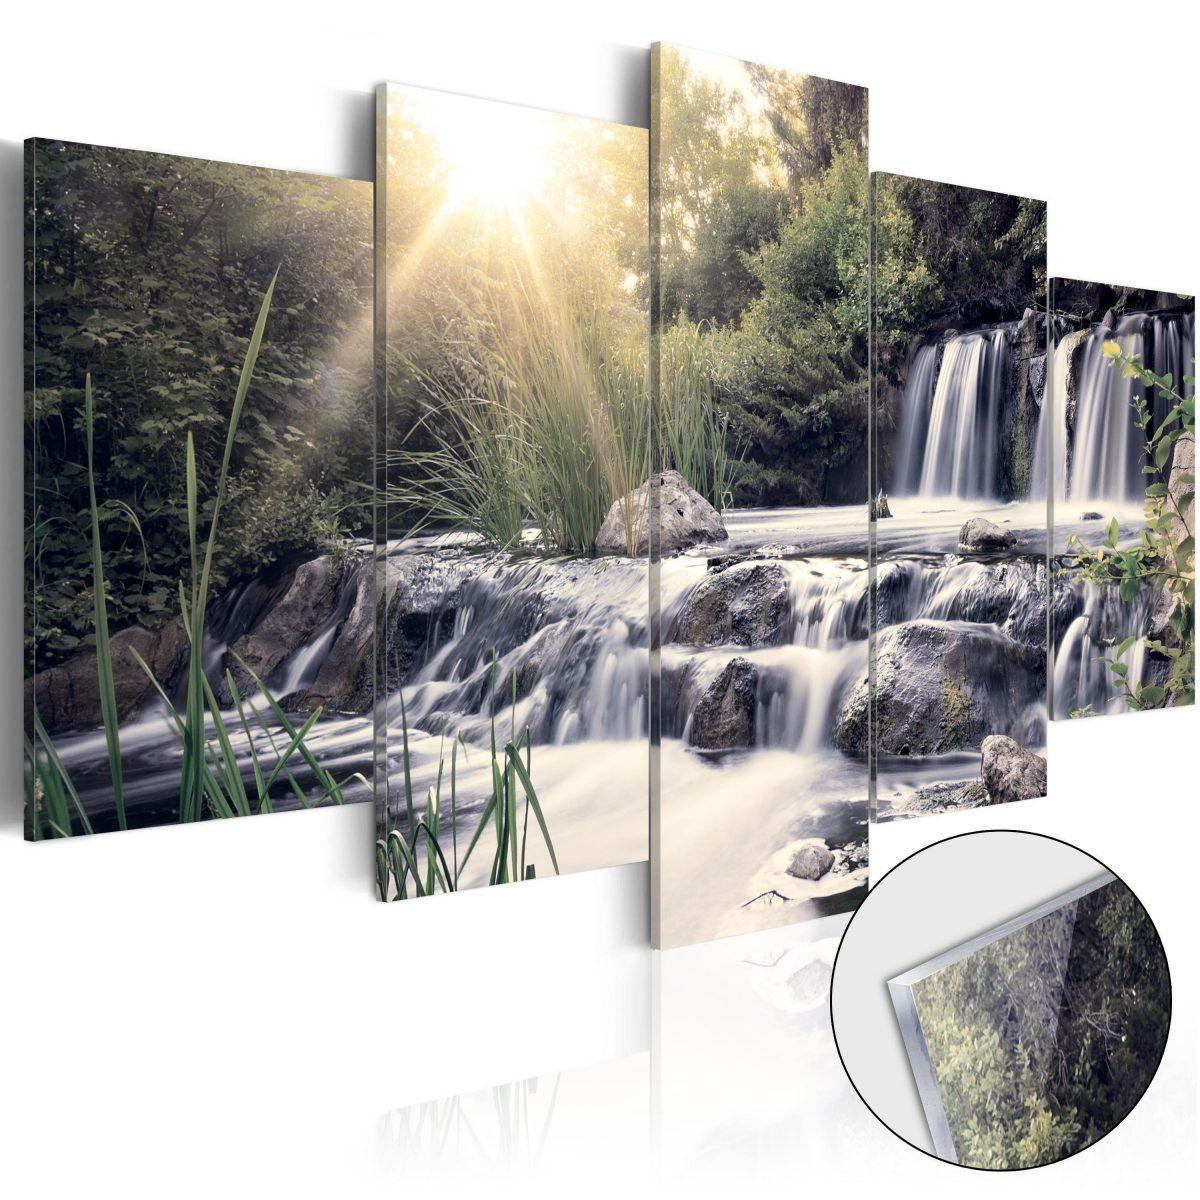 Tavla i akrylglas - Waterfall of Dreams - 200x100